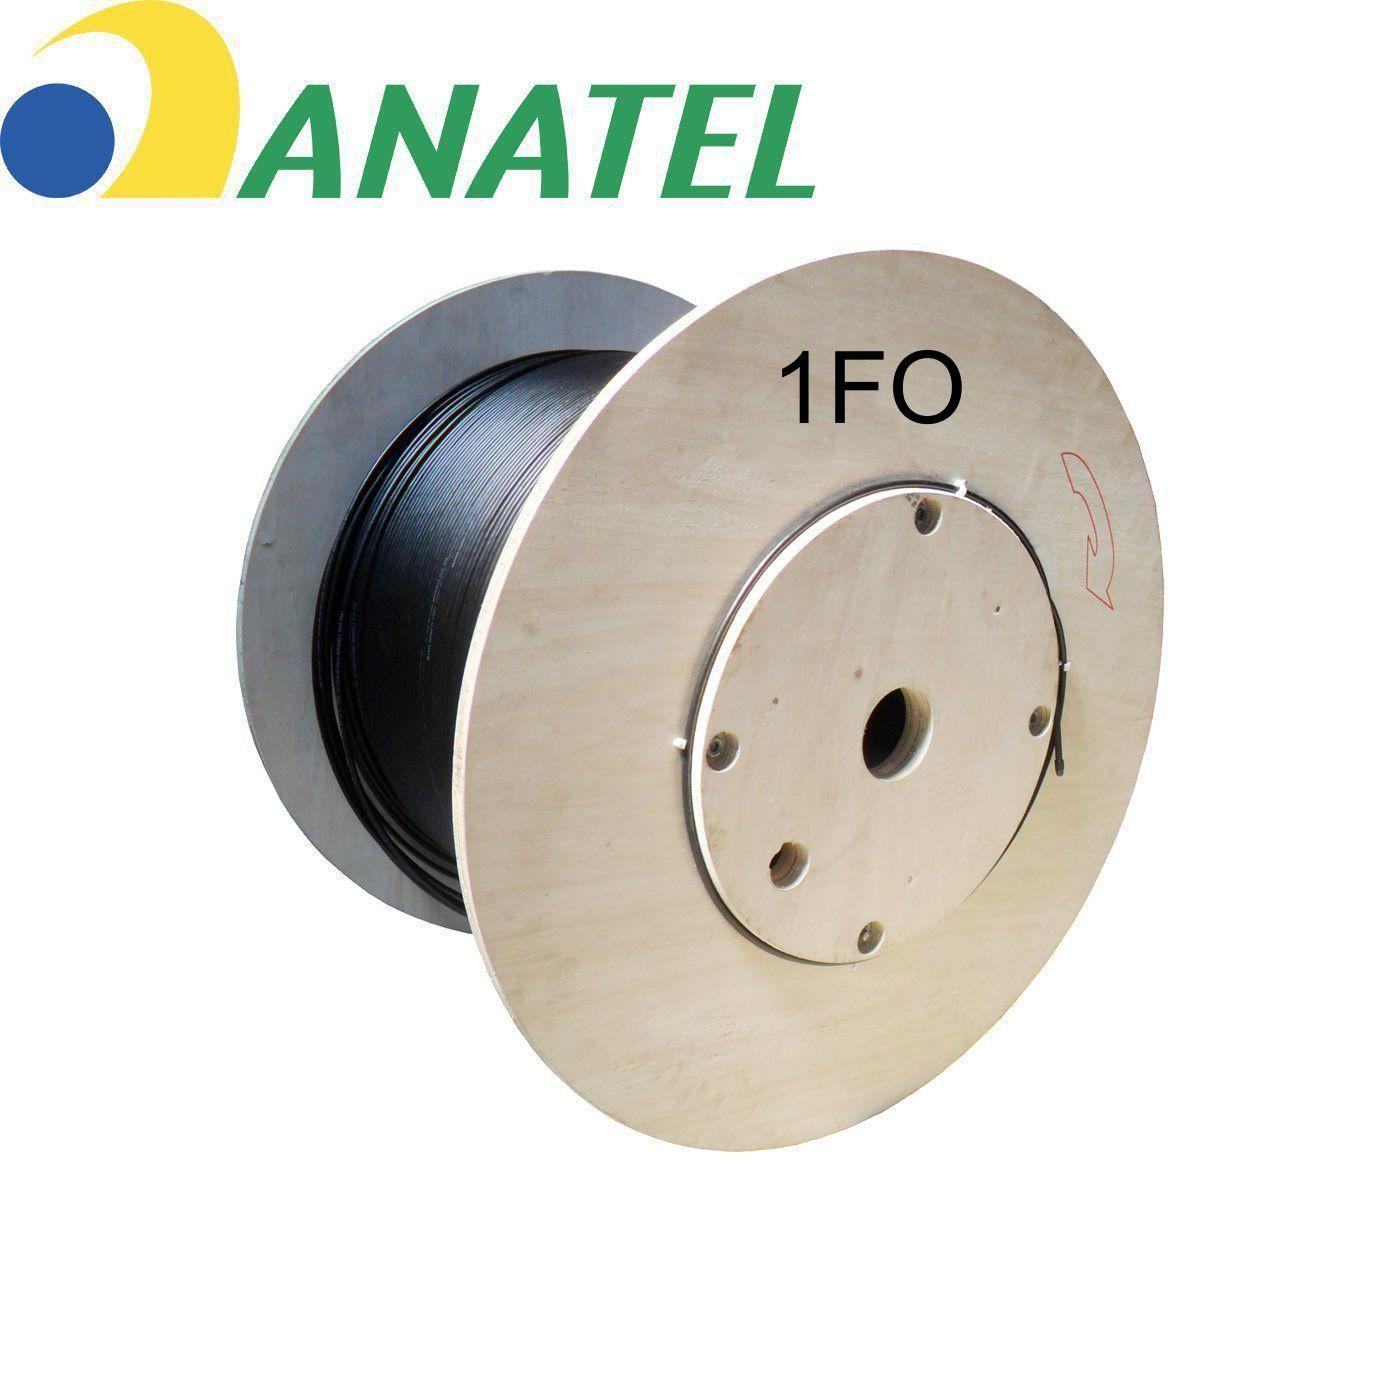 Cabo Fibra Óptica Drop 1FO Revestido Material Dielétrico 2.0*5.0mm Anatel